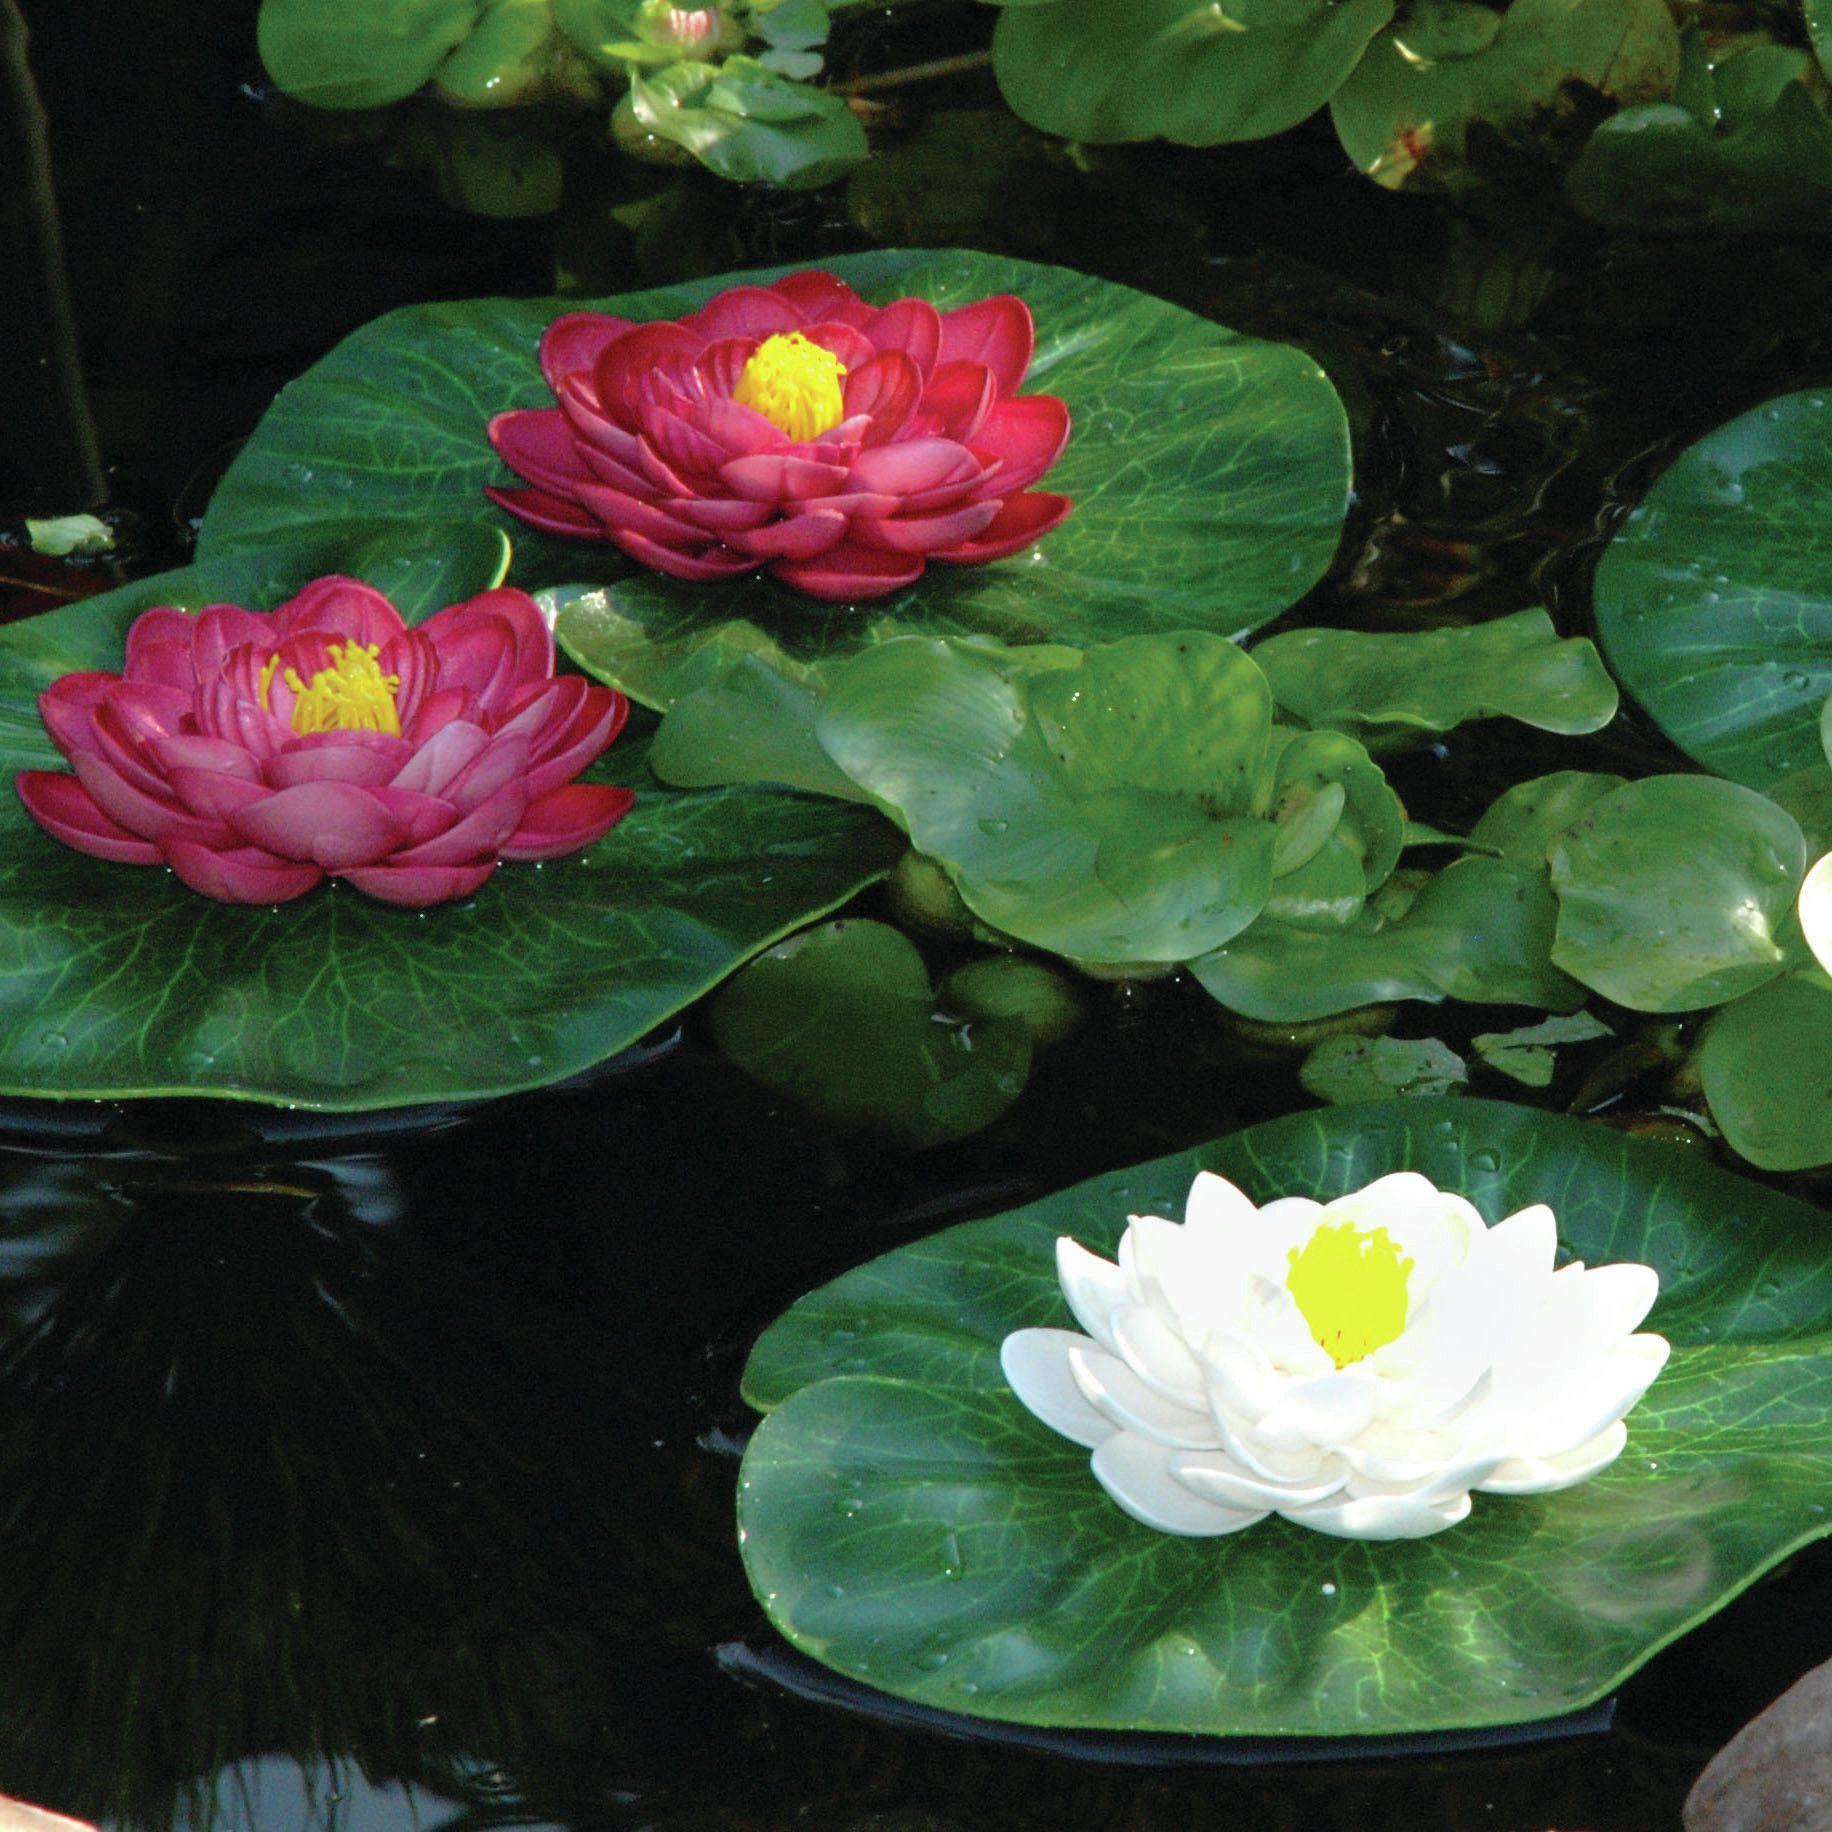 3 Piece Floating Lily Pad Set Szp Kertek Virgok Pinterest